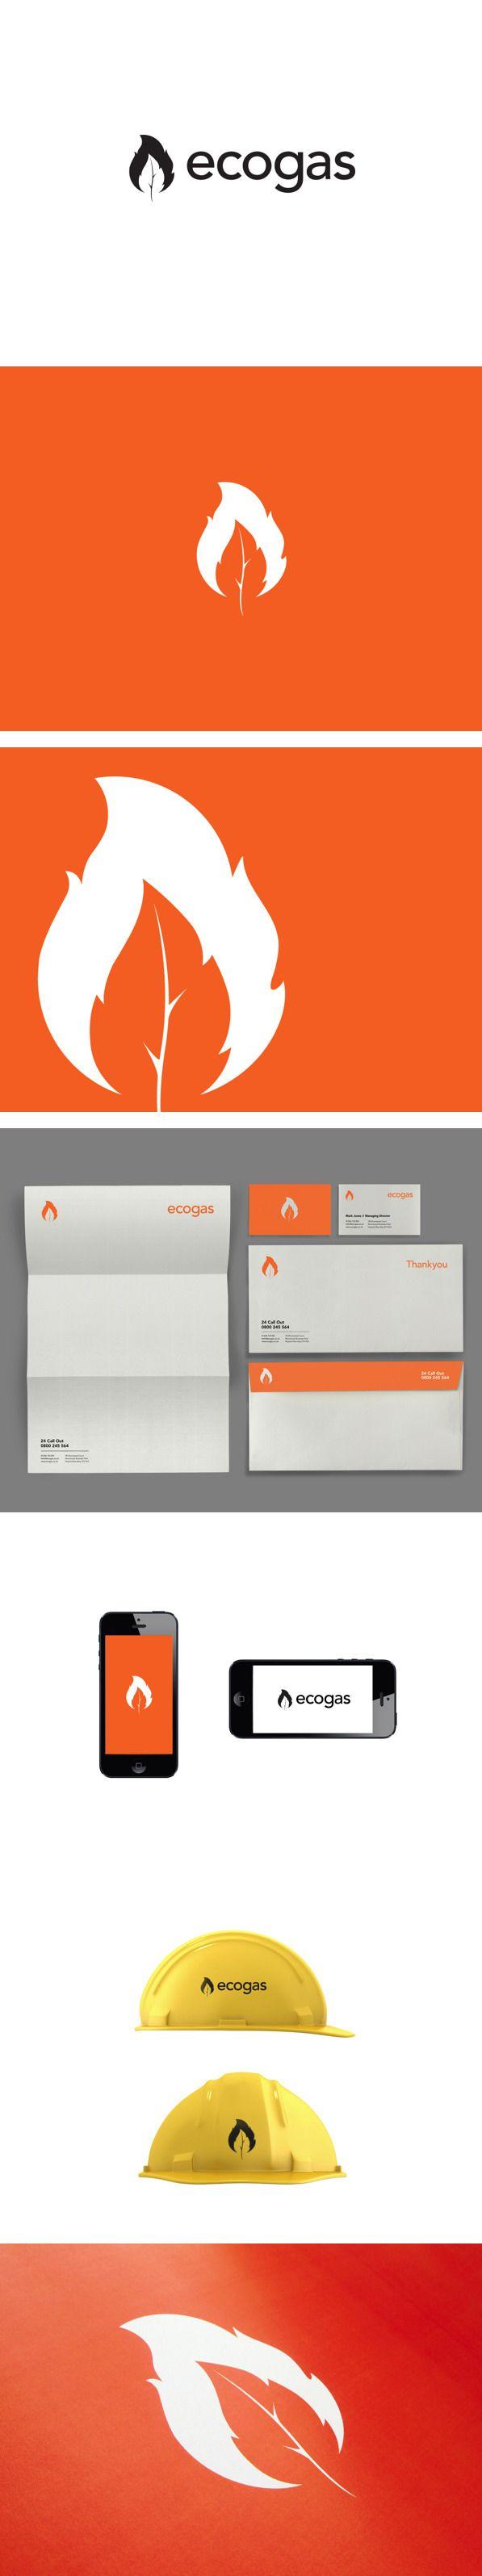 Burnin leaf logo idea. Ecogas Identity by Kyle Wilkinson